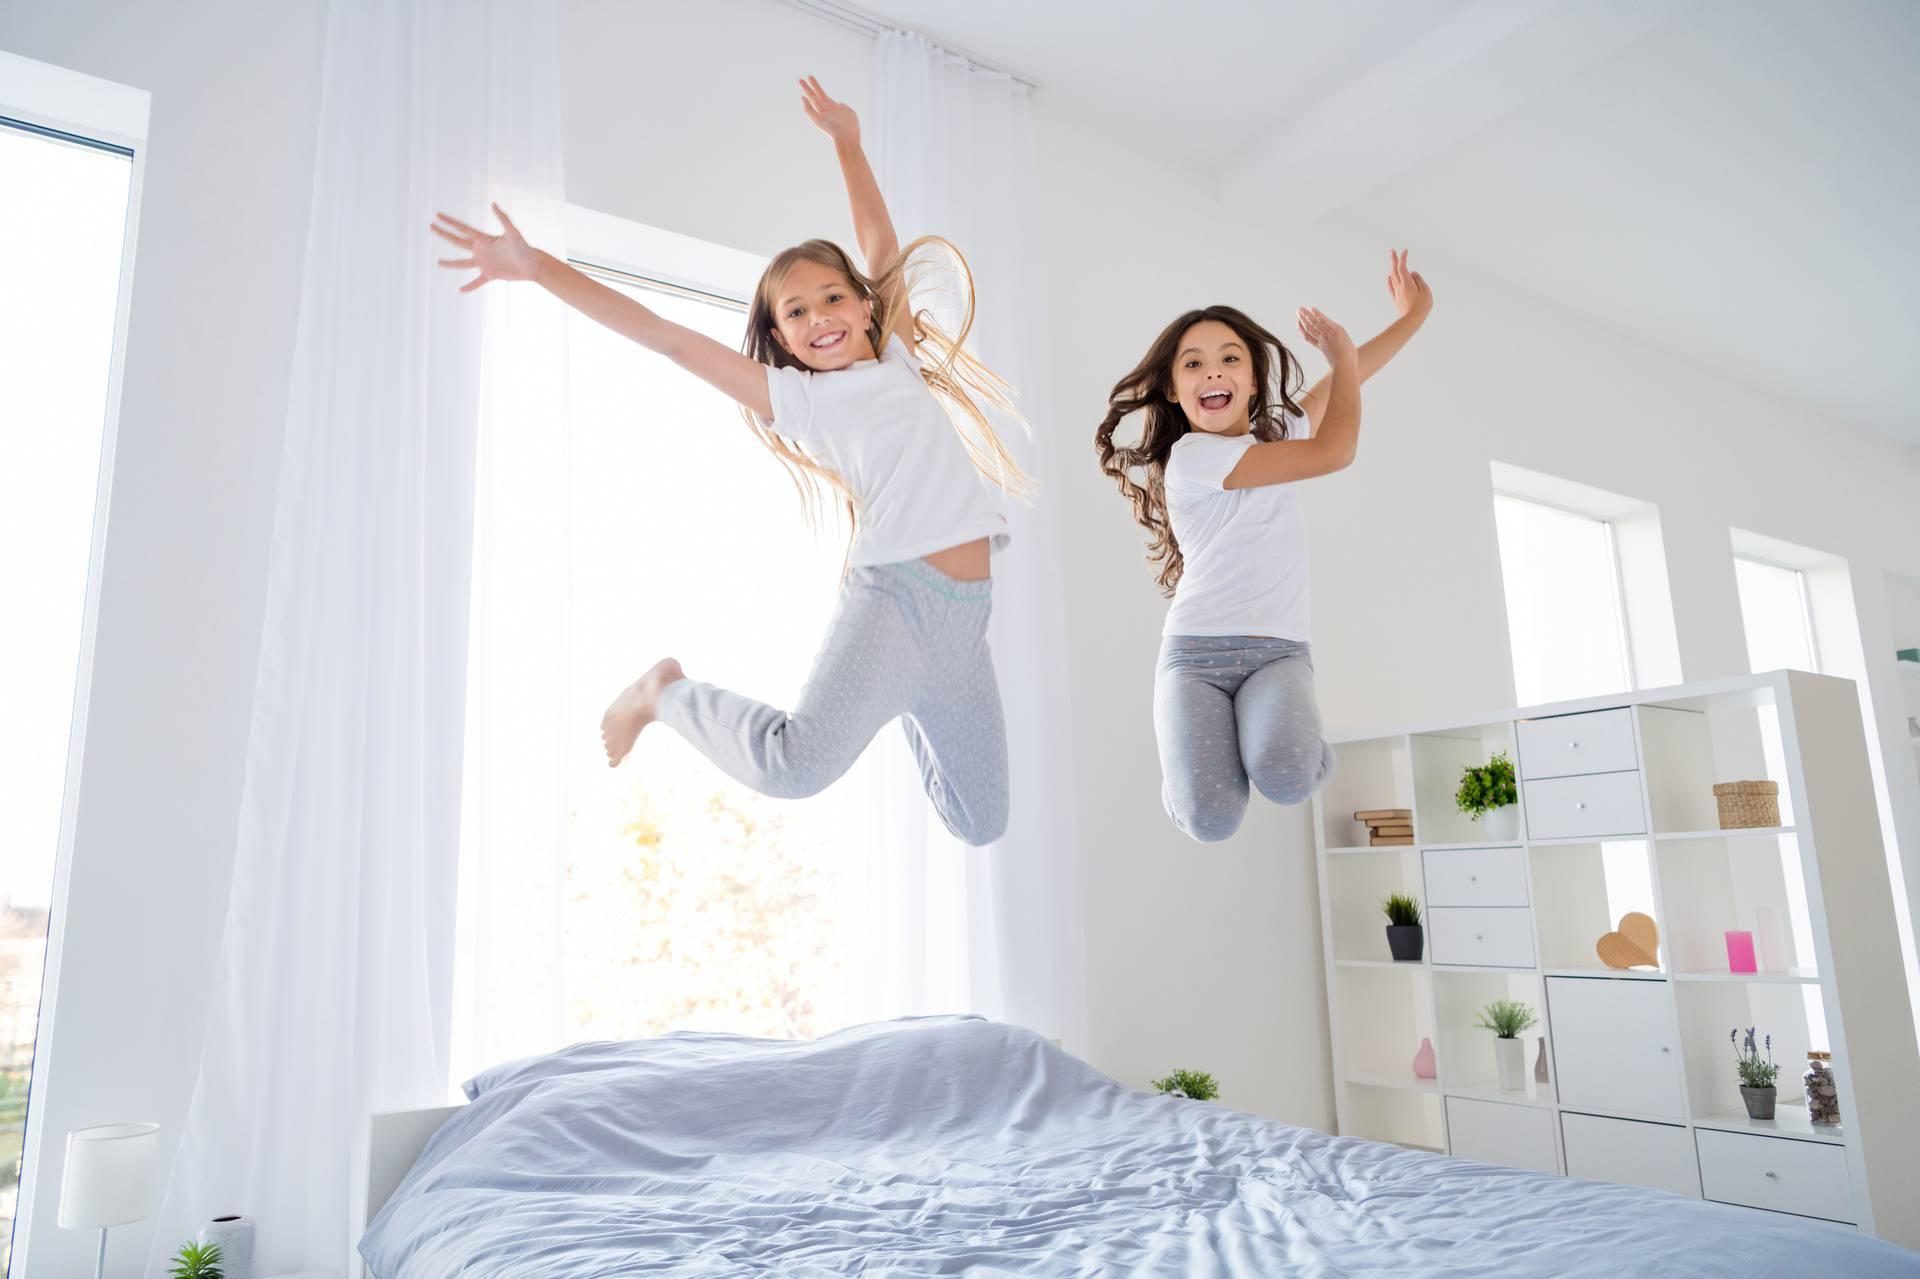 Odgoj djece: 'Reagirajte prema djetetu onako kako biste željeli da se vama drugi obraćaju'